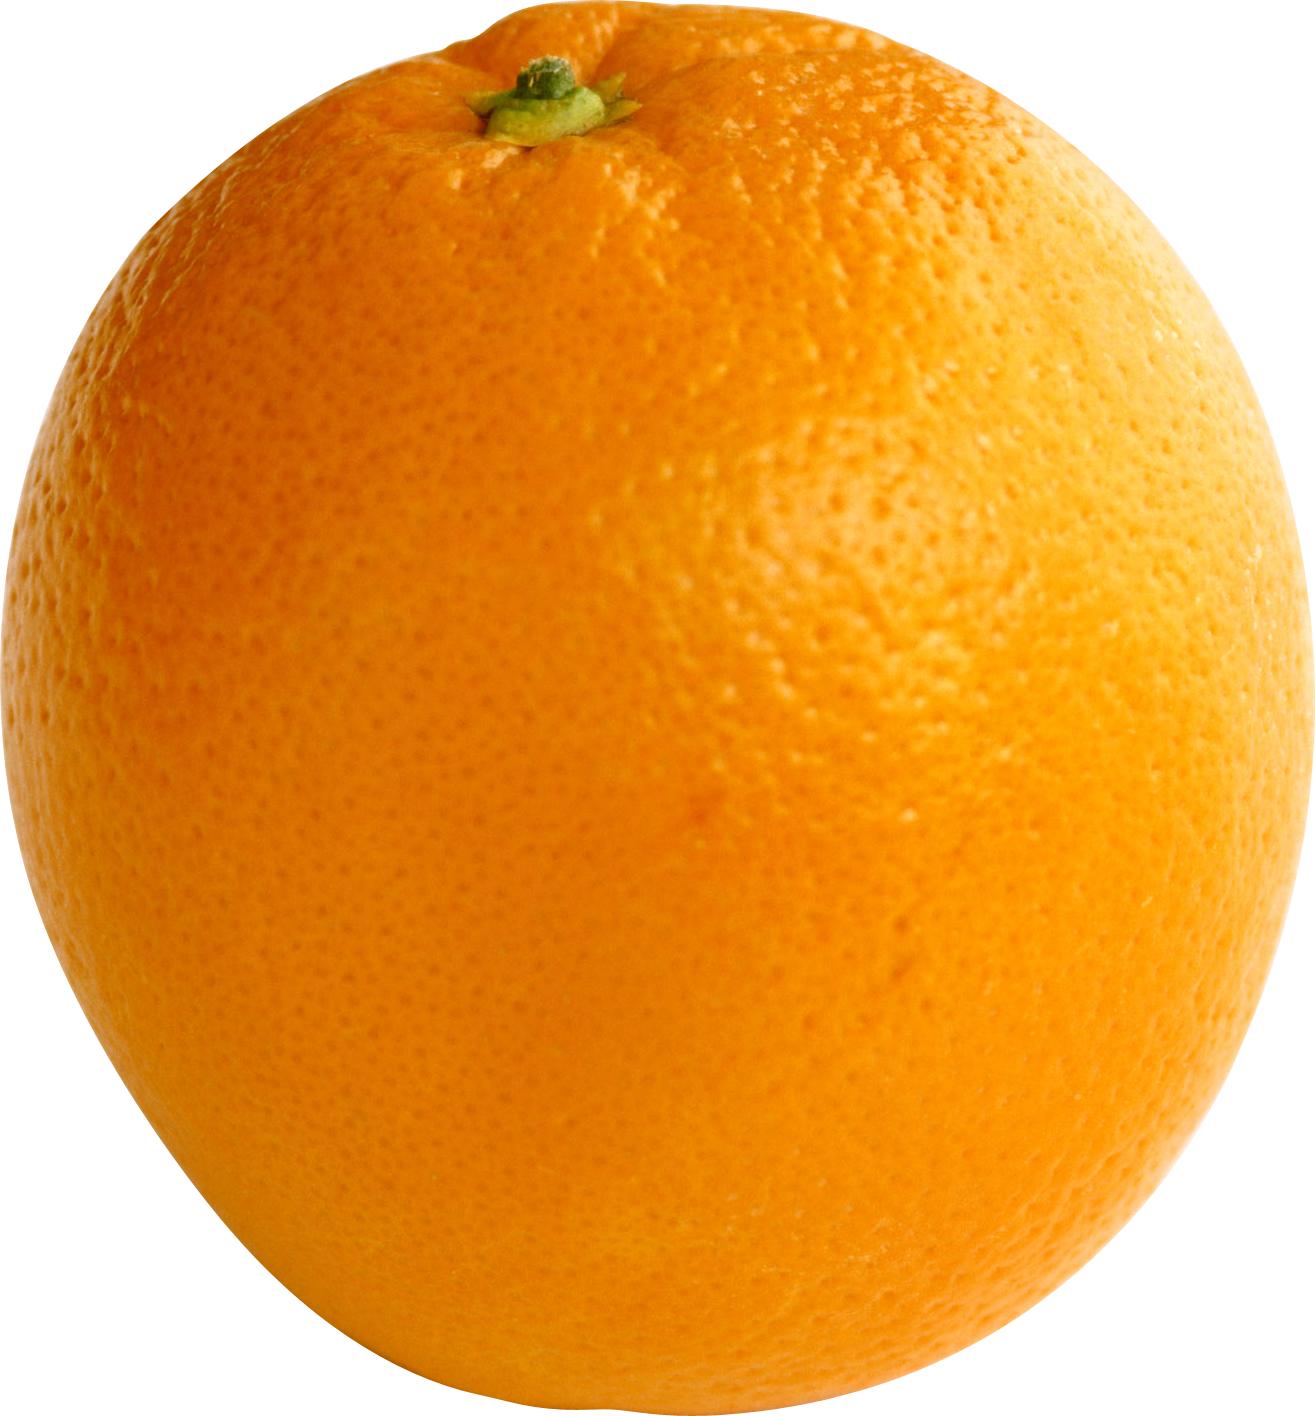 Апельсин, фото, обои, клипарт, скачать бесплатно